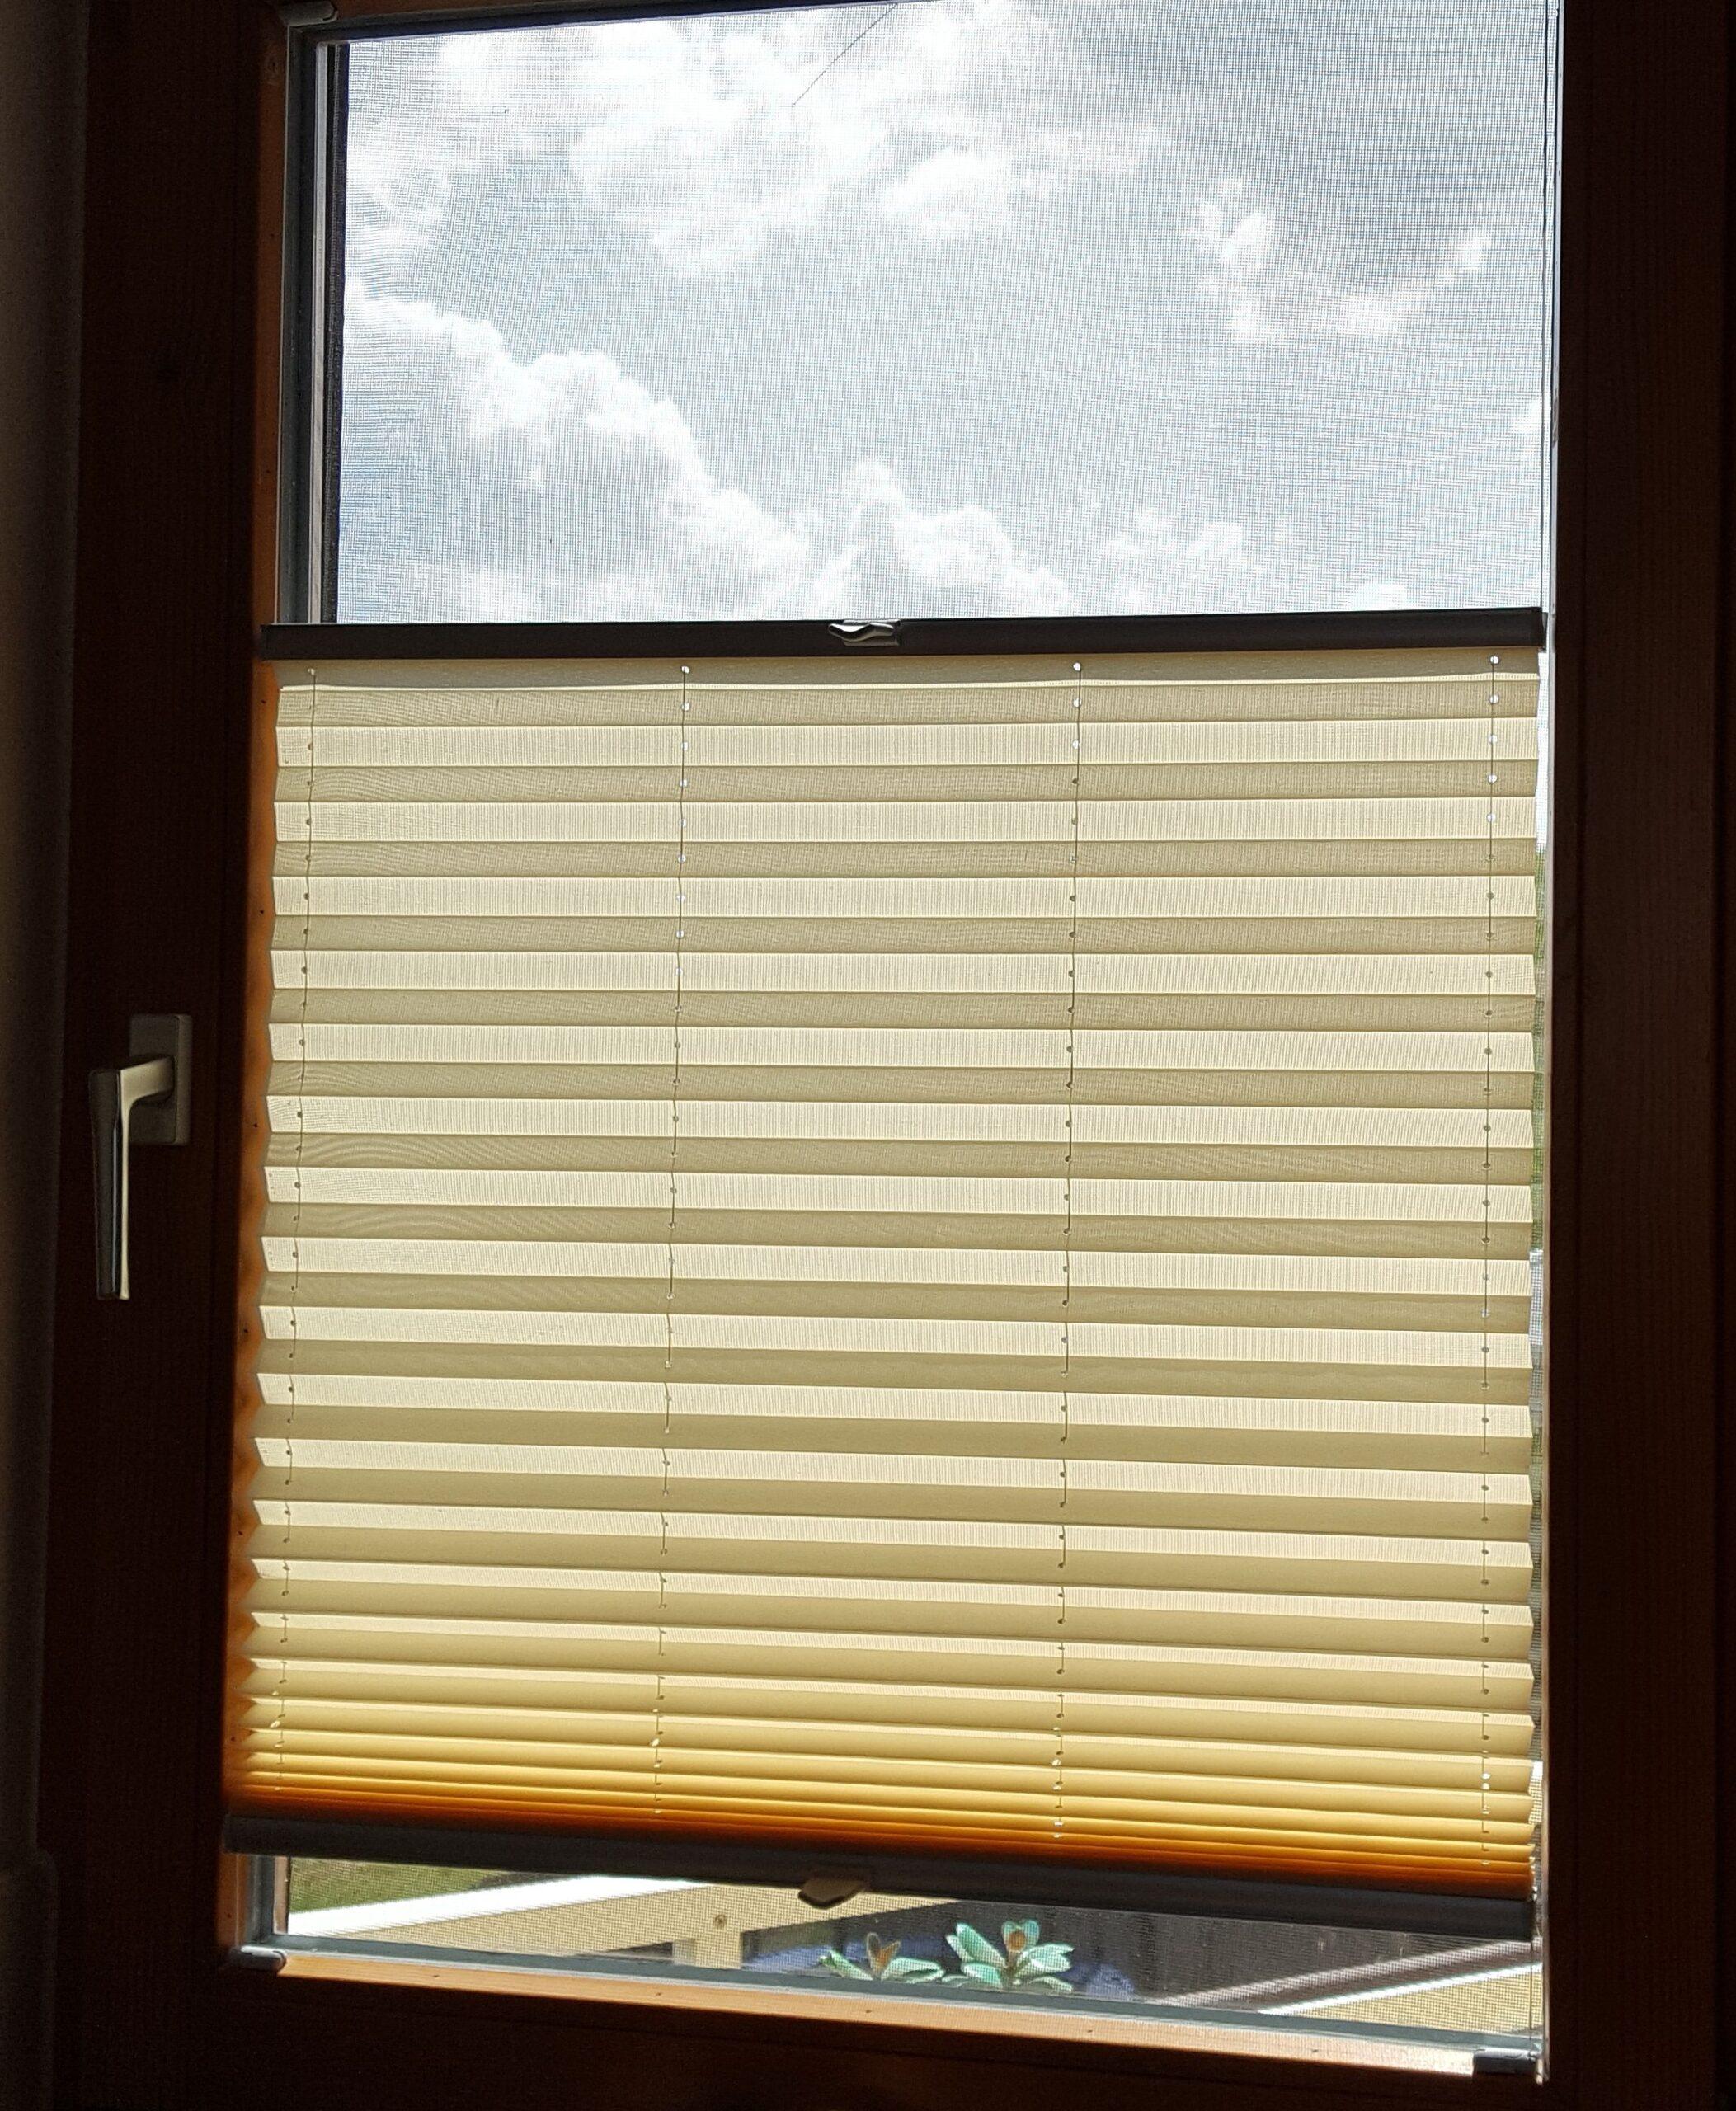 Full Size of Klemm Plissee Modelle 2020 Kinderzimmer Regal Regale Weiß Fenster Sofa Kinderzimmer Plissee Kinderzimmer